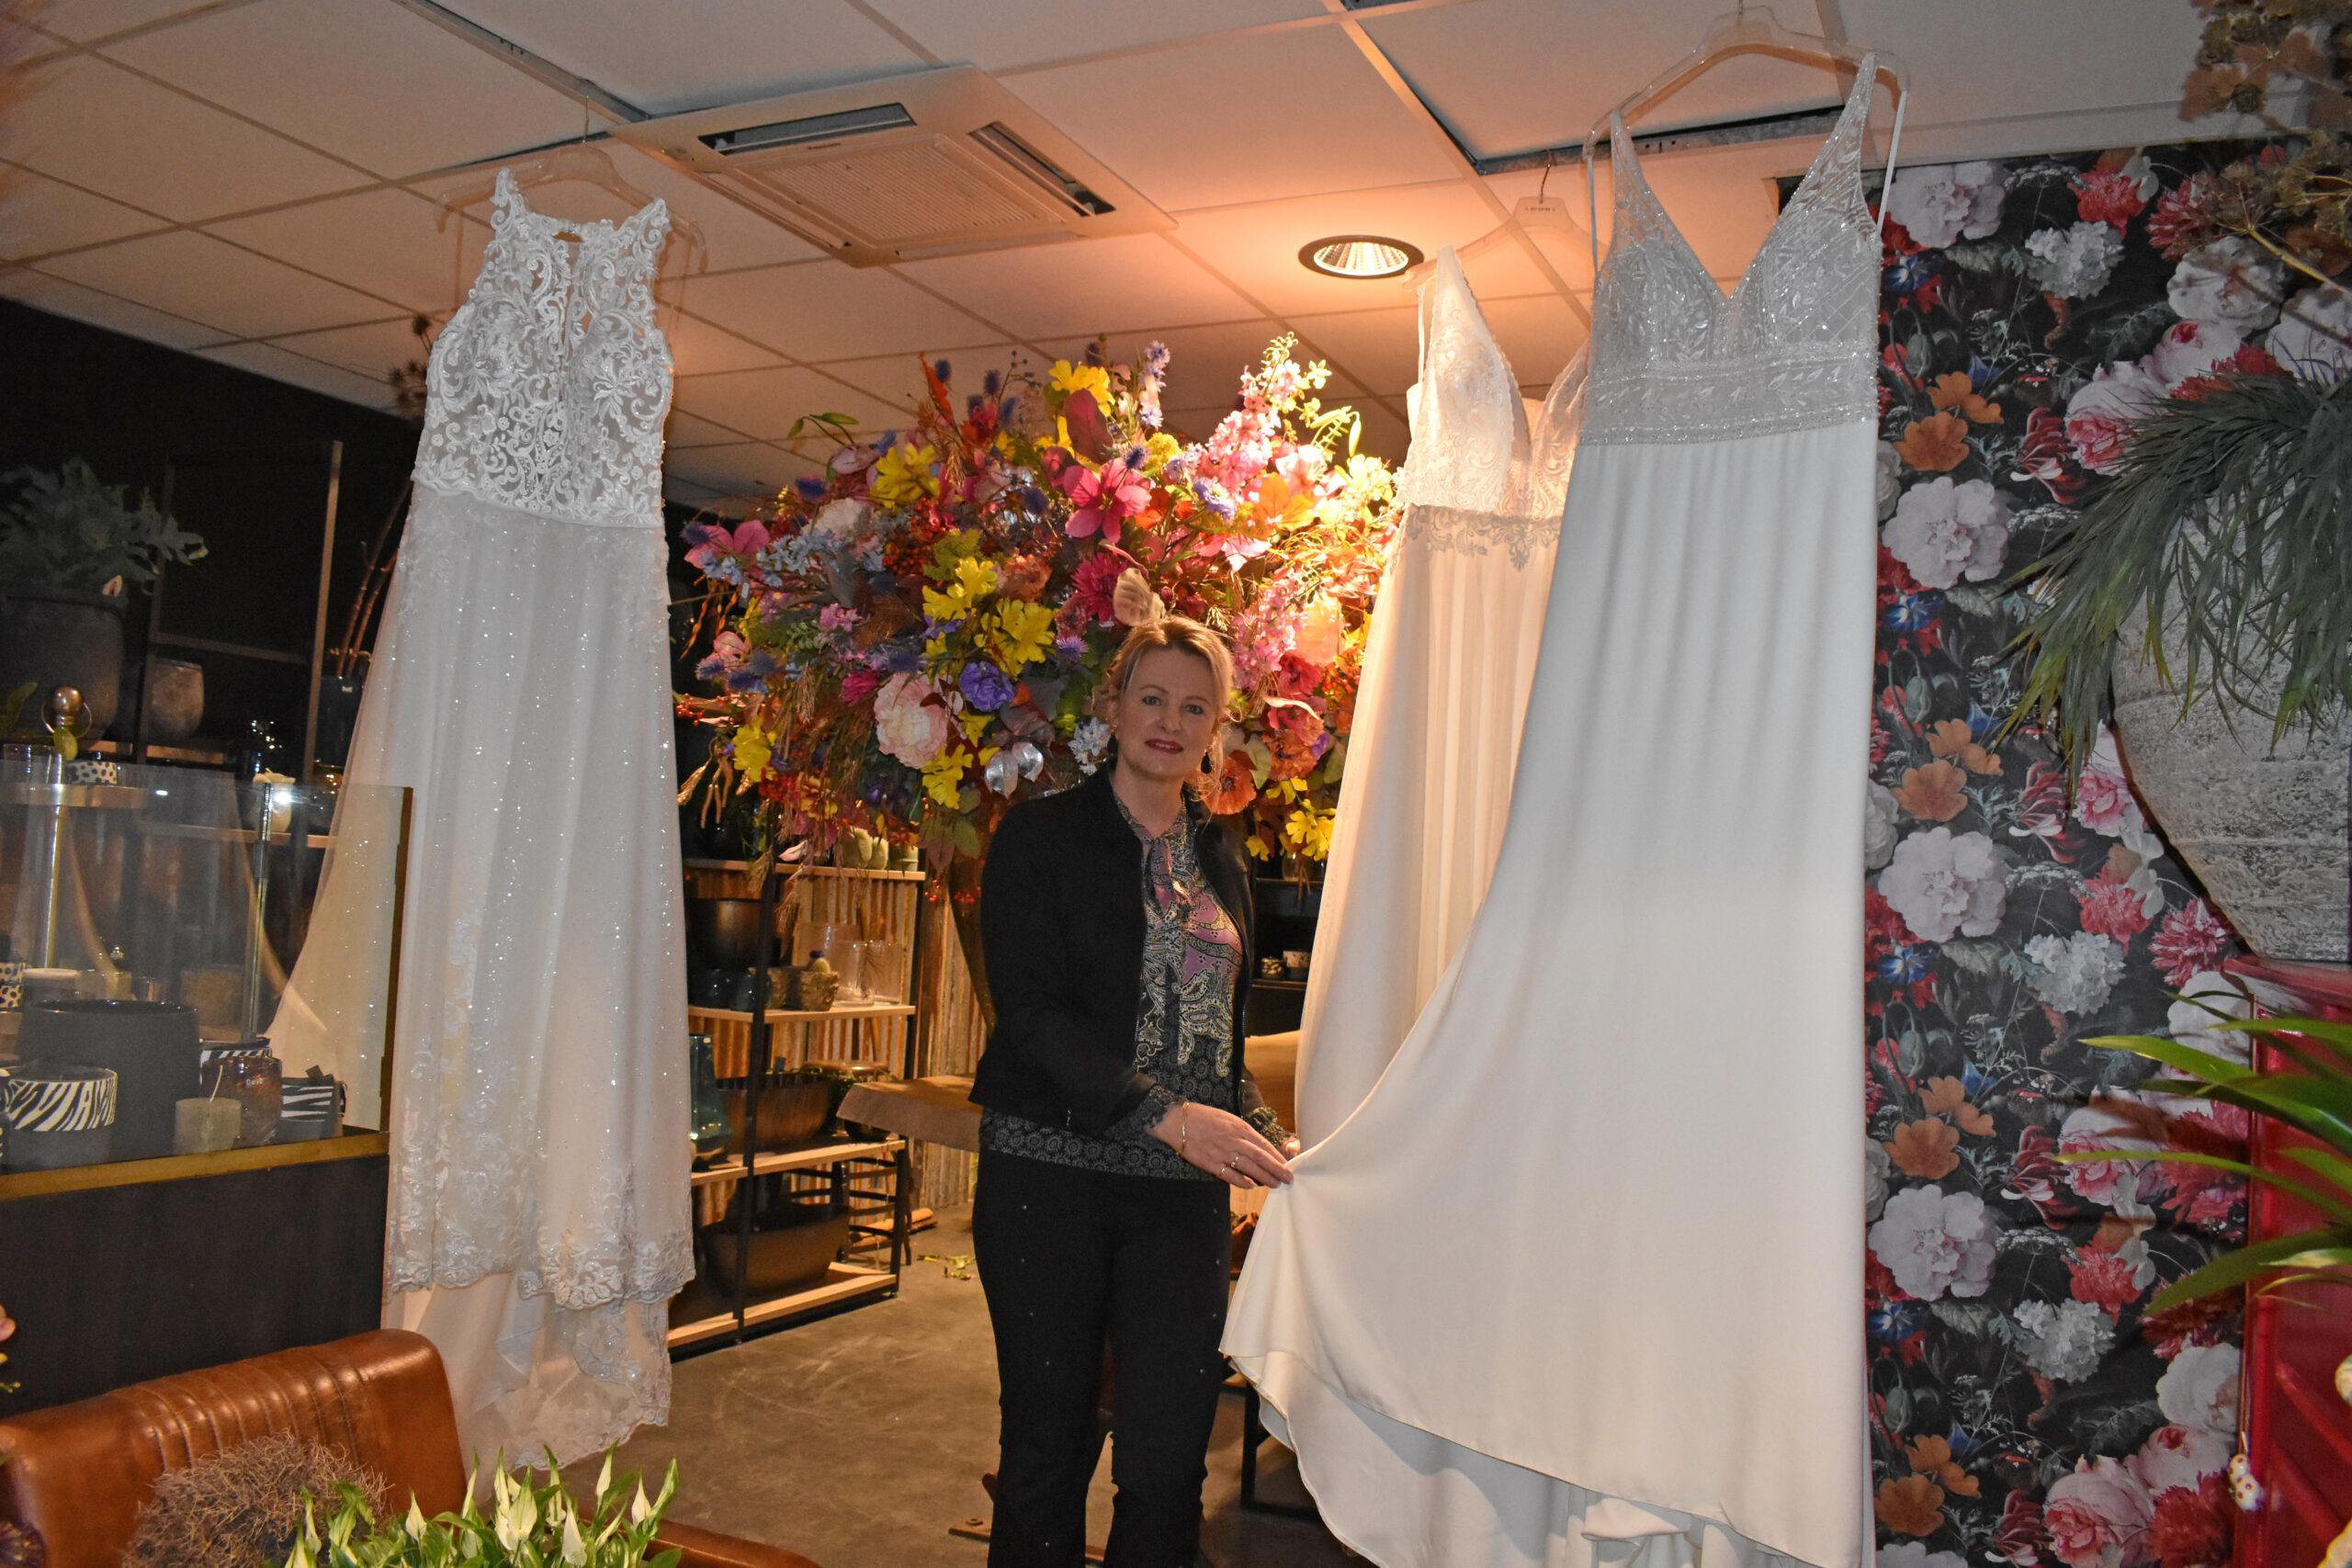 Brenda Hoppen van bruidsboutique Josephine by Brenda bij bloemengalerie Nijzink, die ook een bijdrage levert aan het online prijzenfestival.